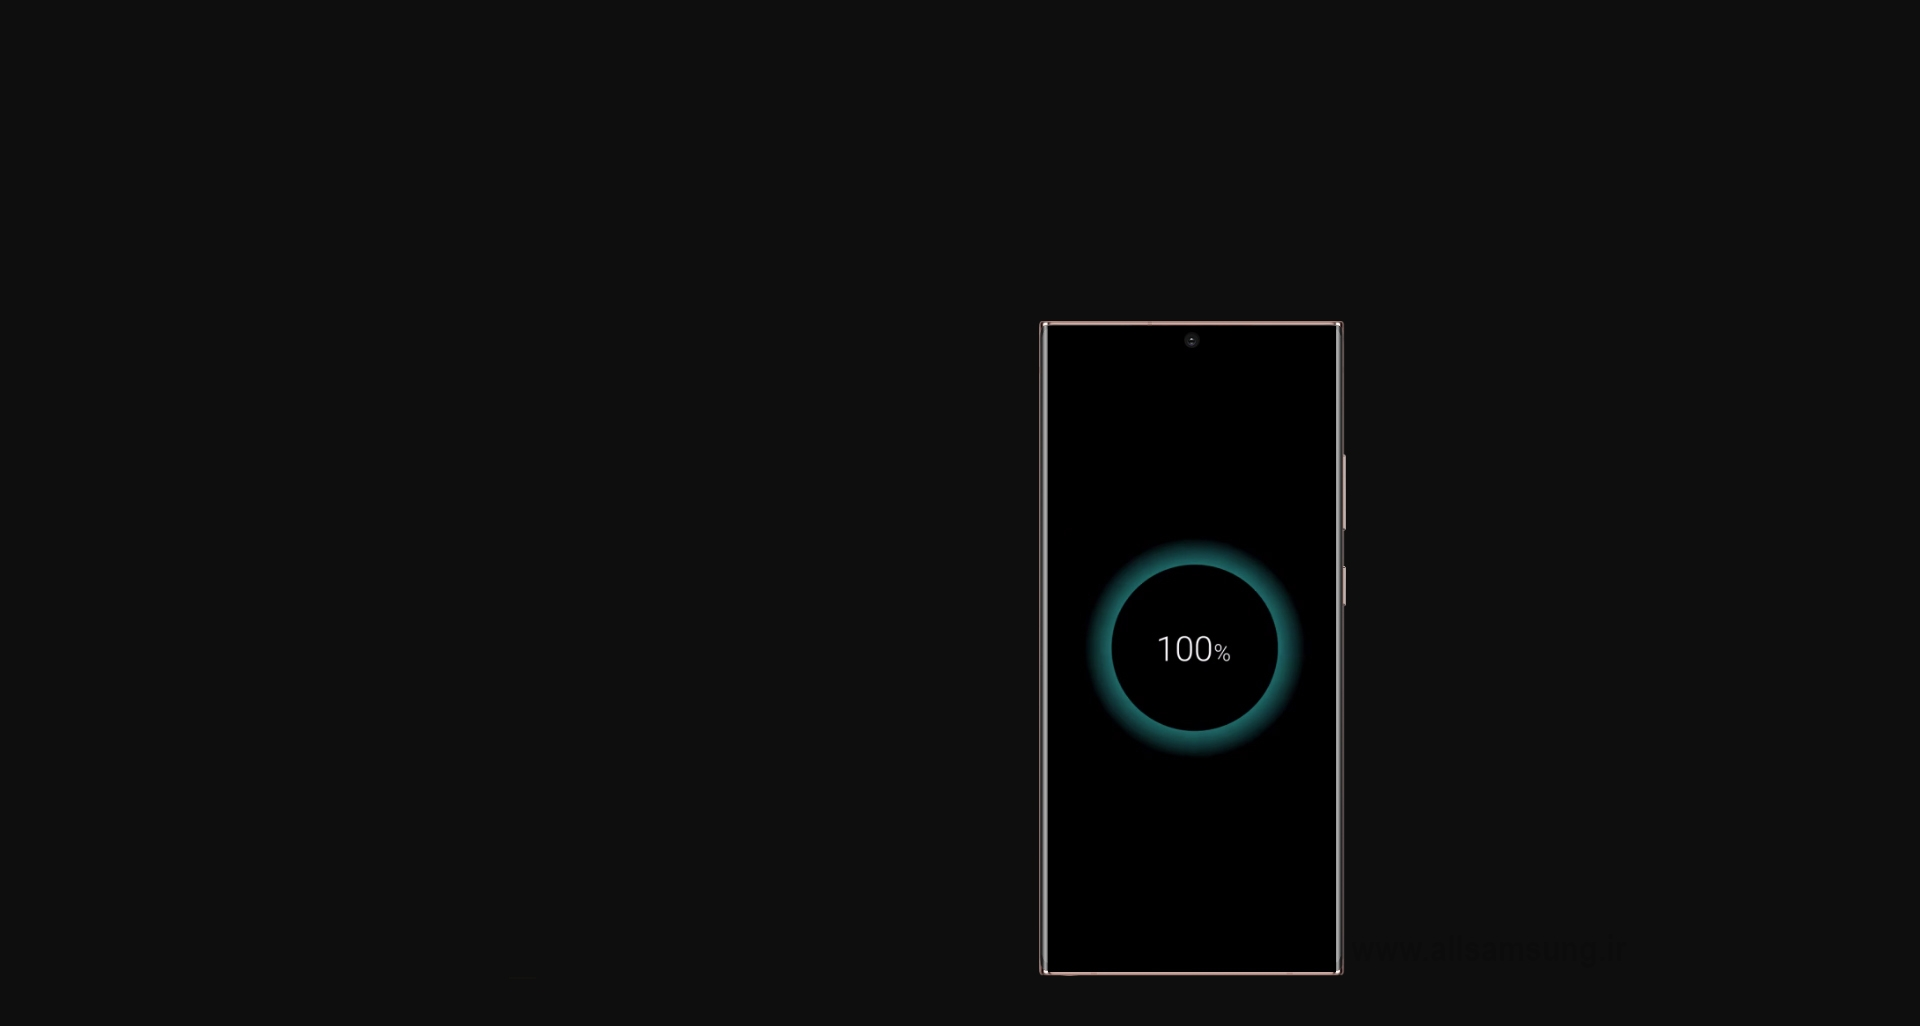 بیش از 50 درصد شارژ در مدت 30 دقیقه